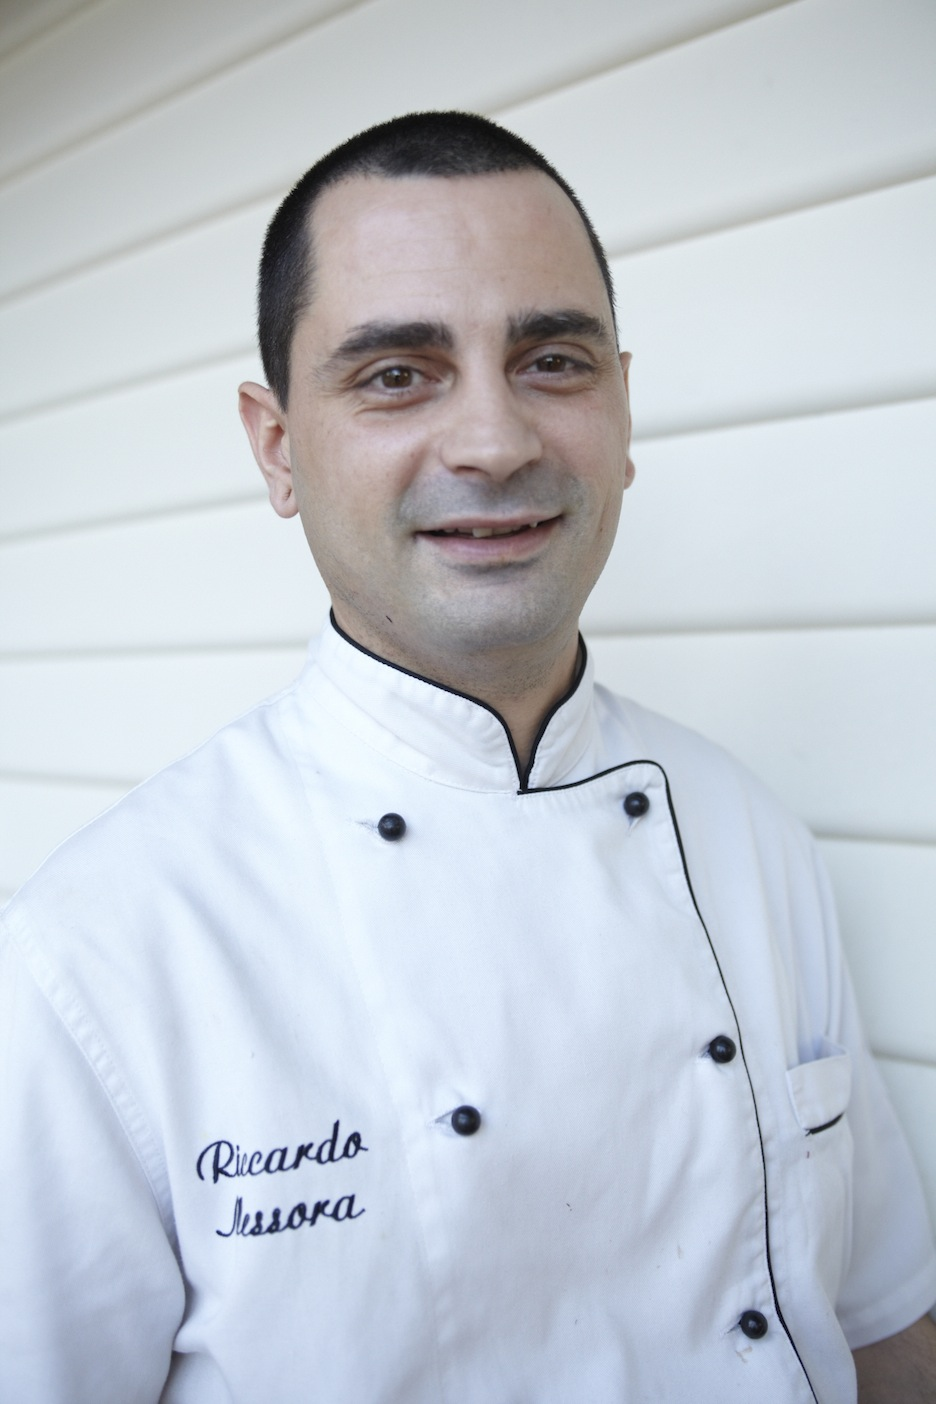 Sartago Chef Riccardo Messora.jpg